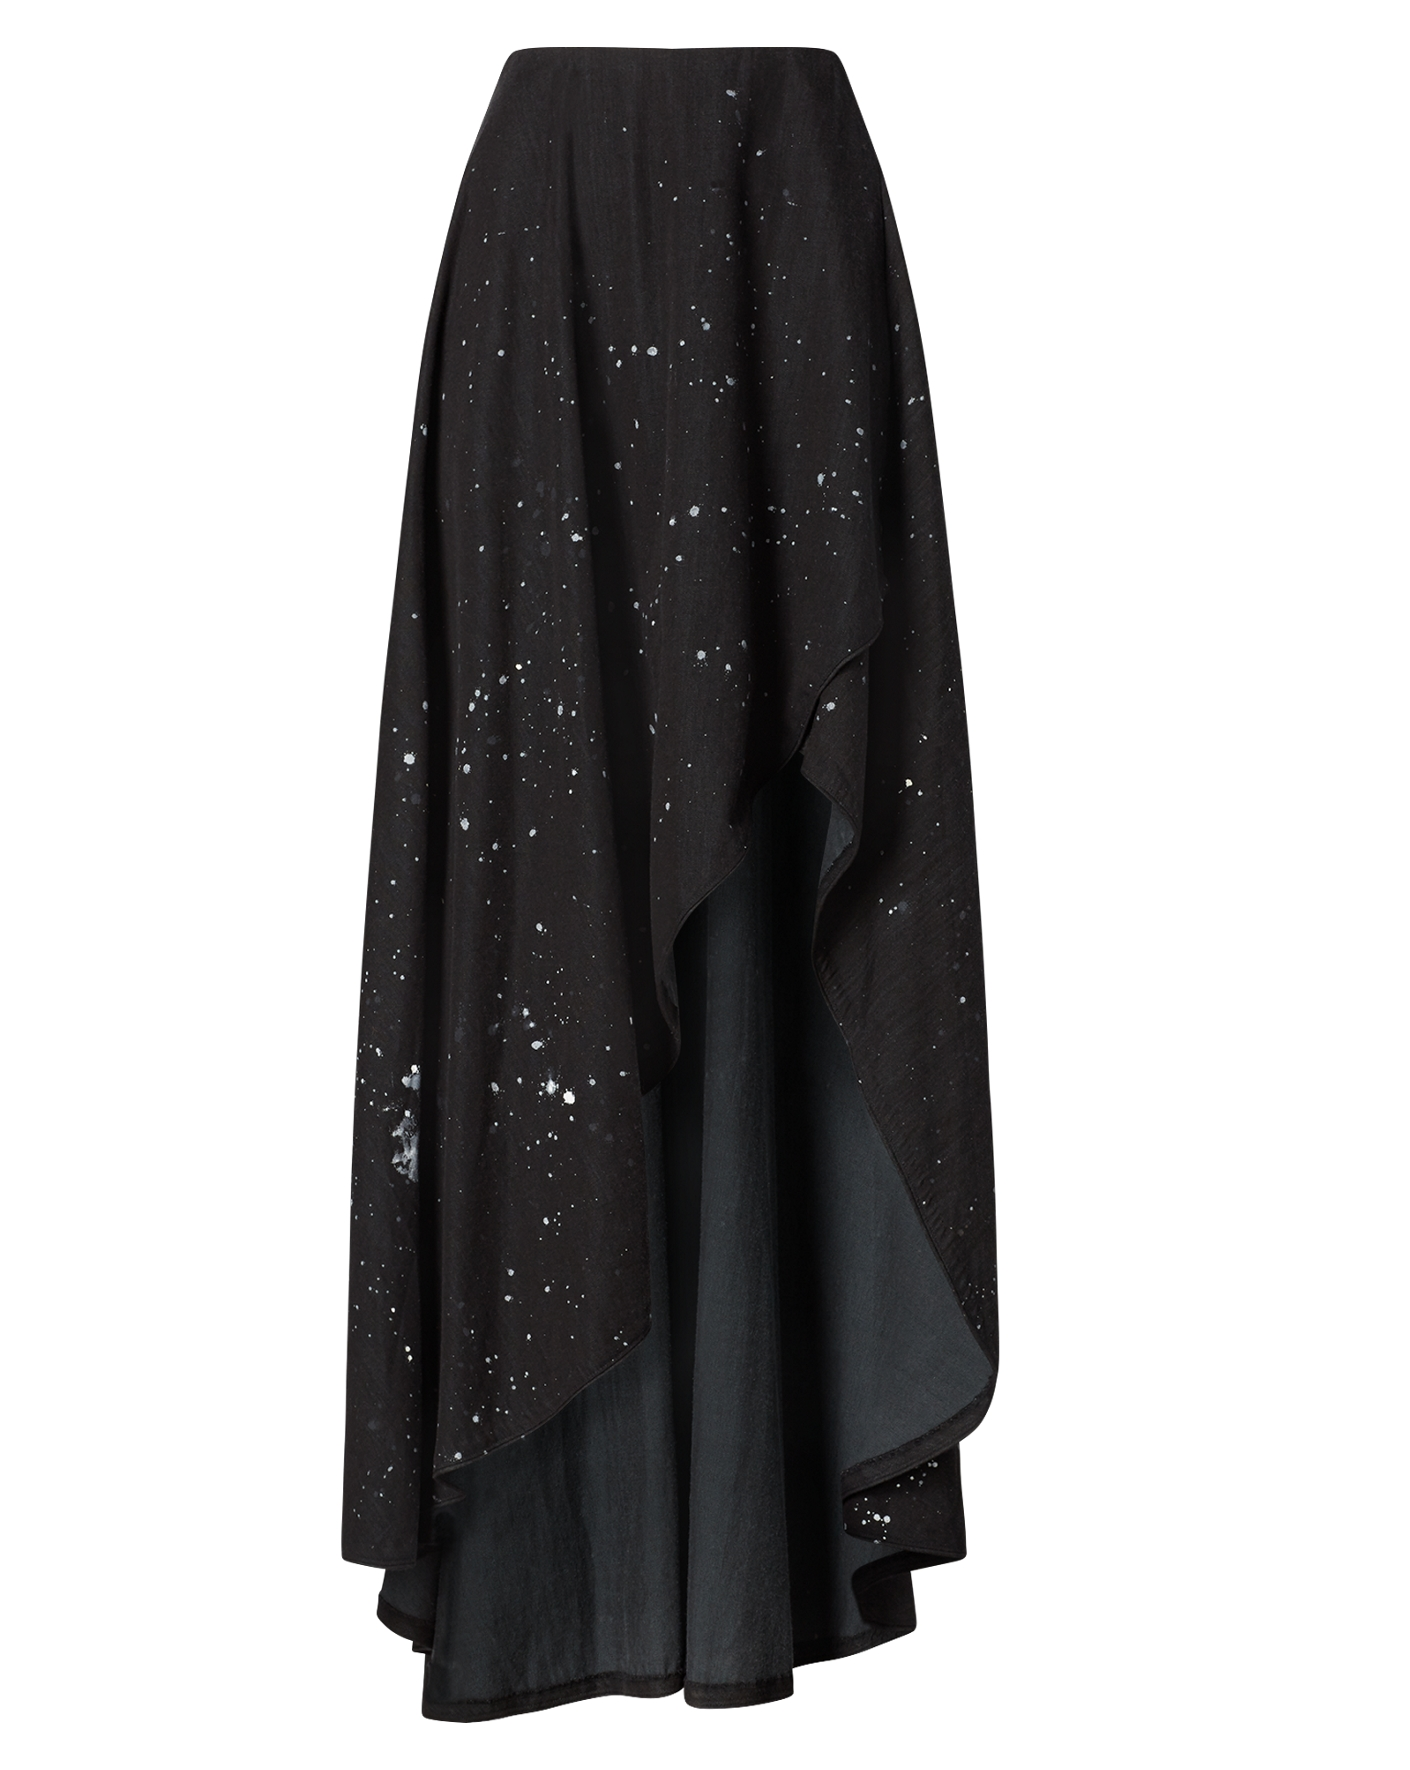 Women's Skirts - Pencil, Maxi, Wool & More | Ralph Lauren